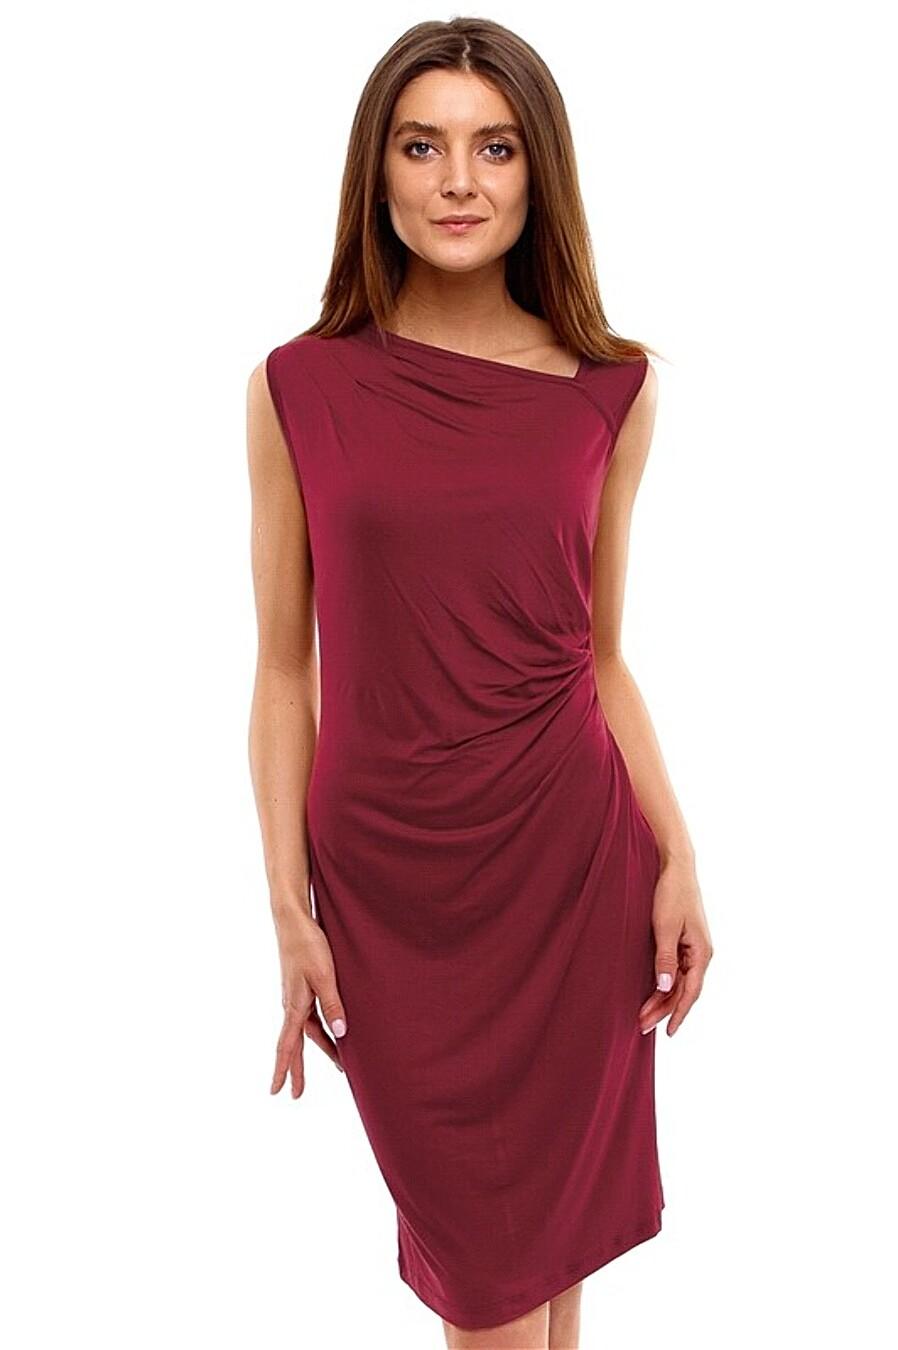 Платье для женщин АПРЕЛЬ 218978 купить оптом от производителя. Совместная покупка женской одежды в OptMoyo